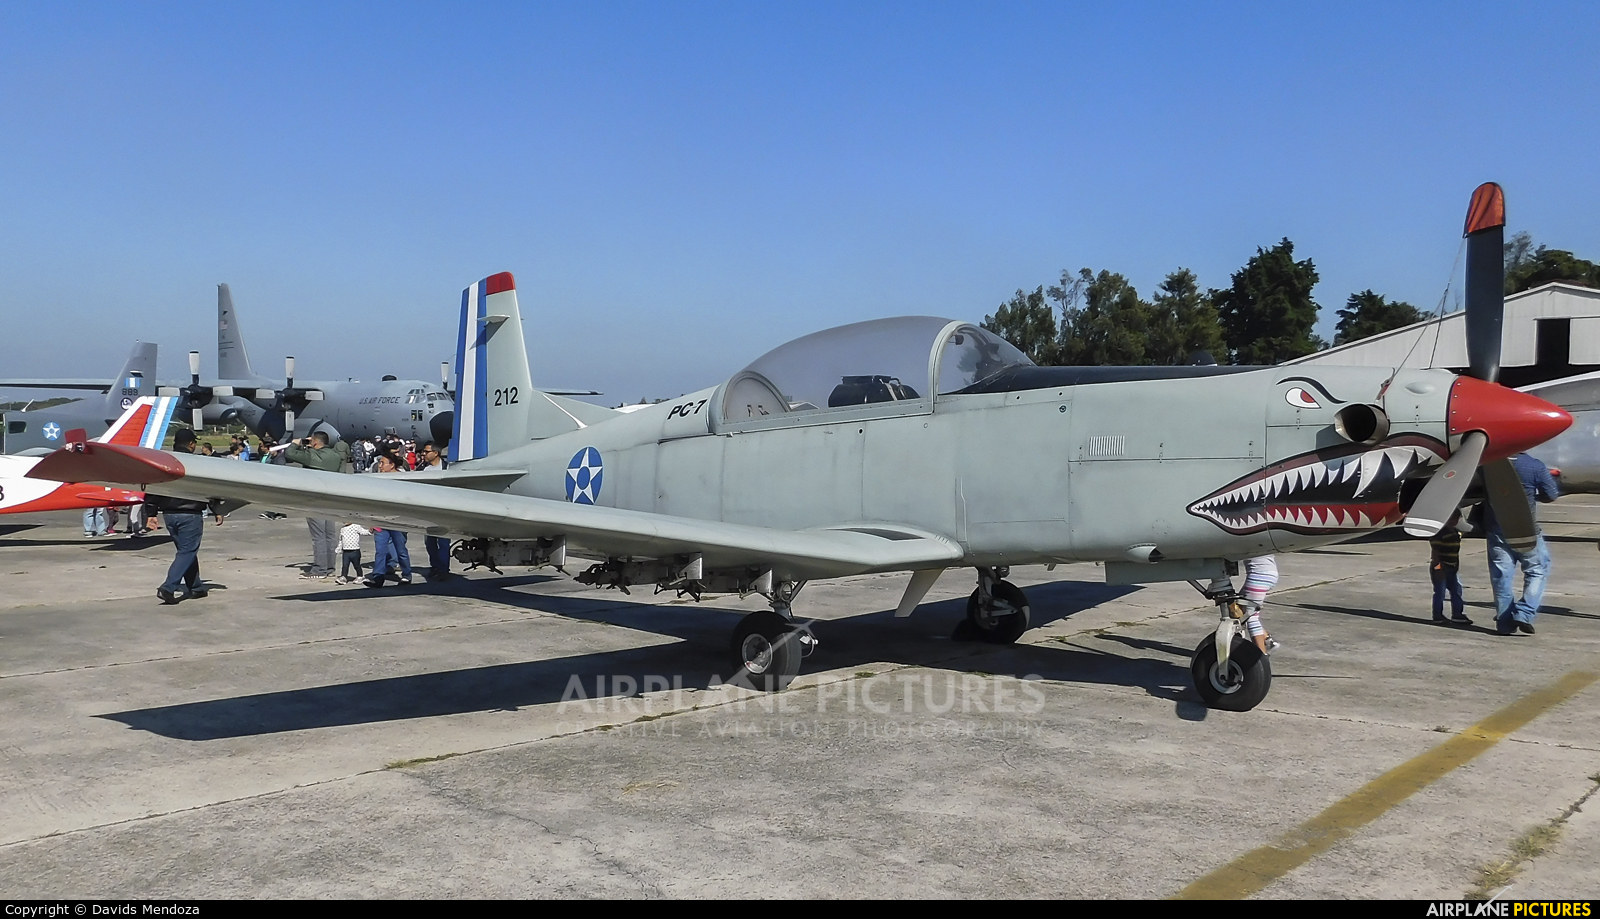 Guatemala - Air Force 212 aircraft at Guatemala - La Aurora